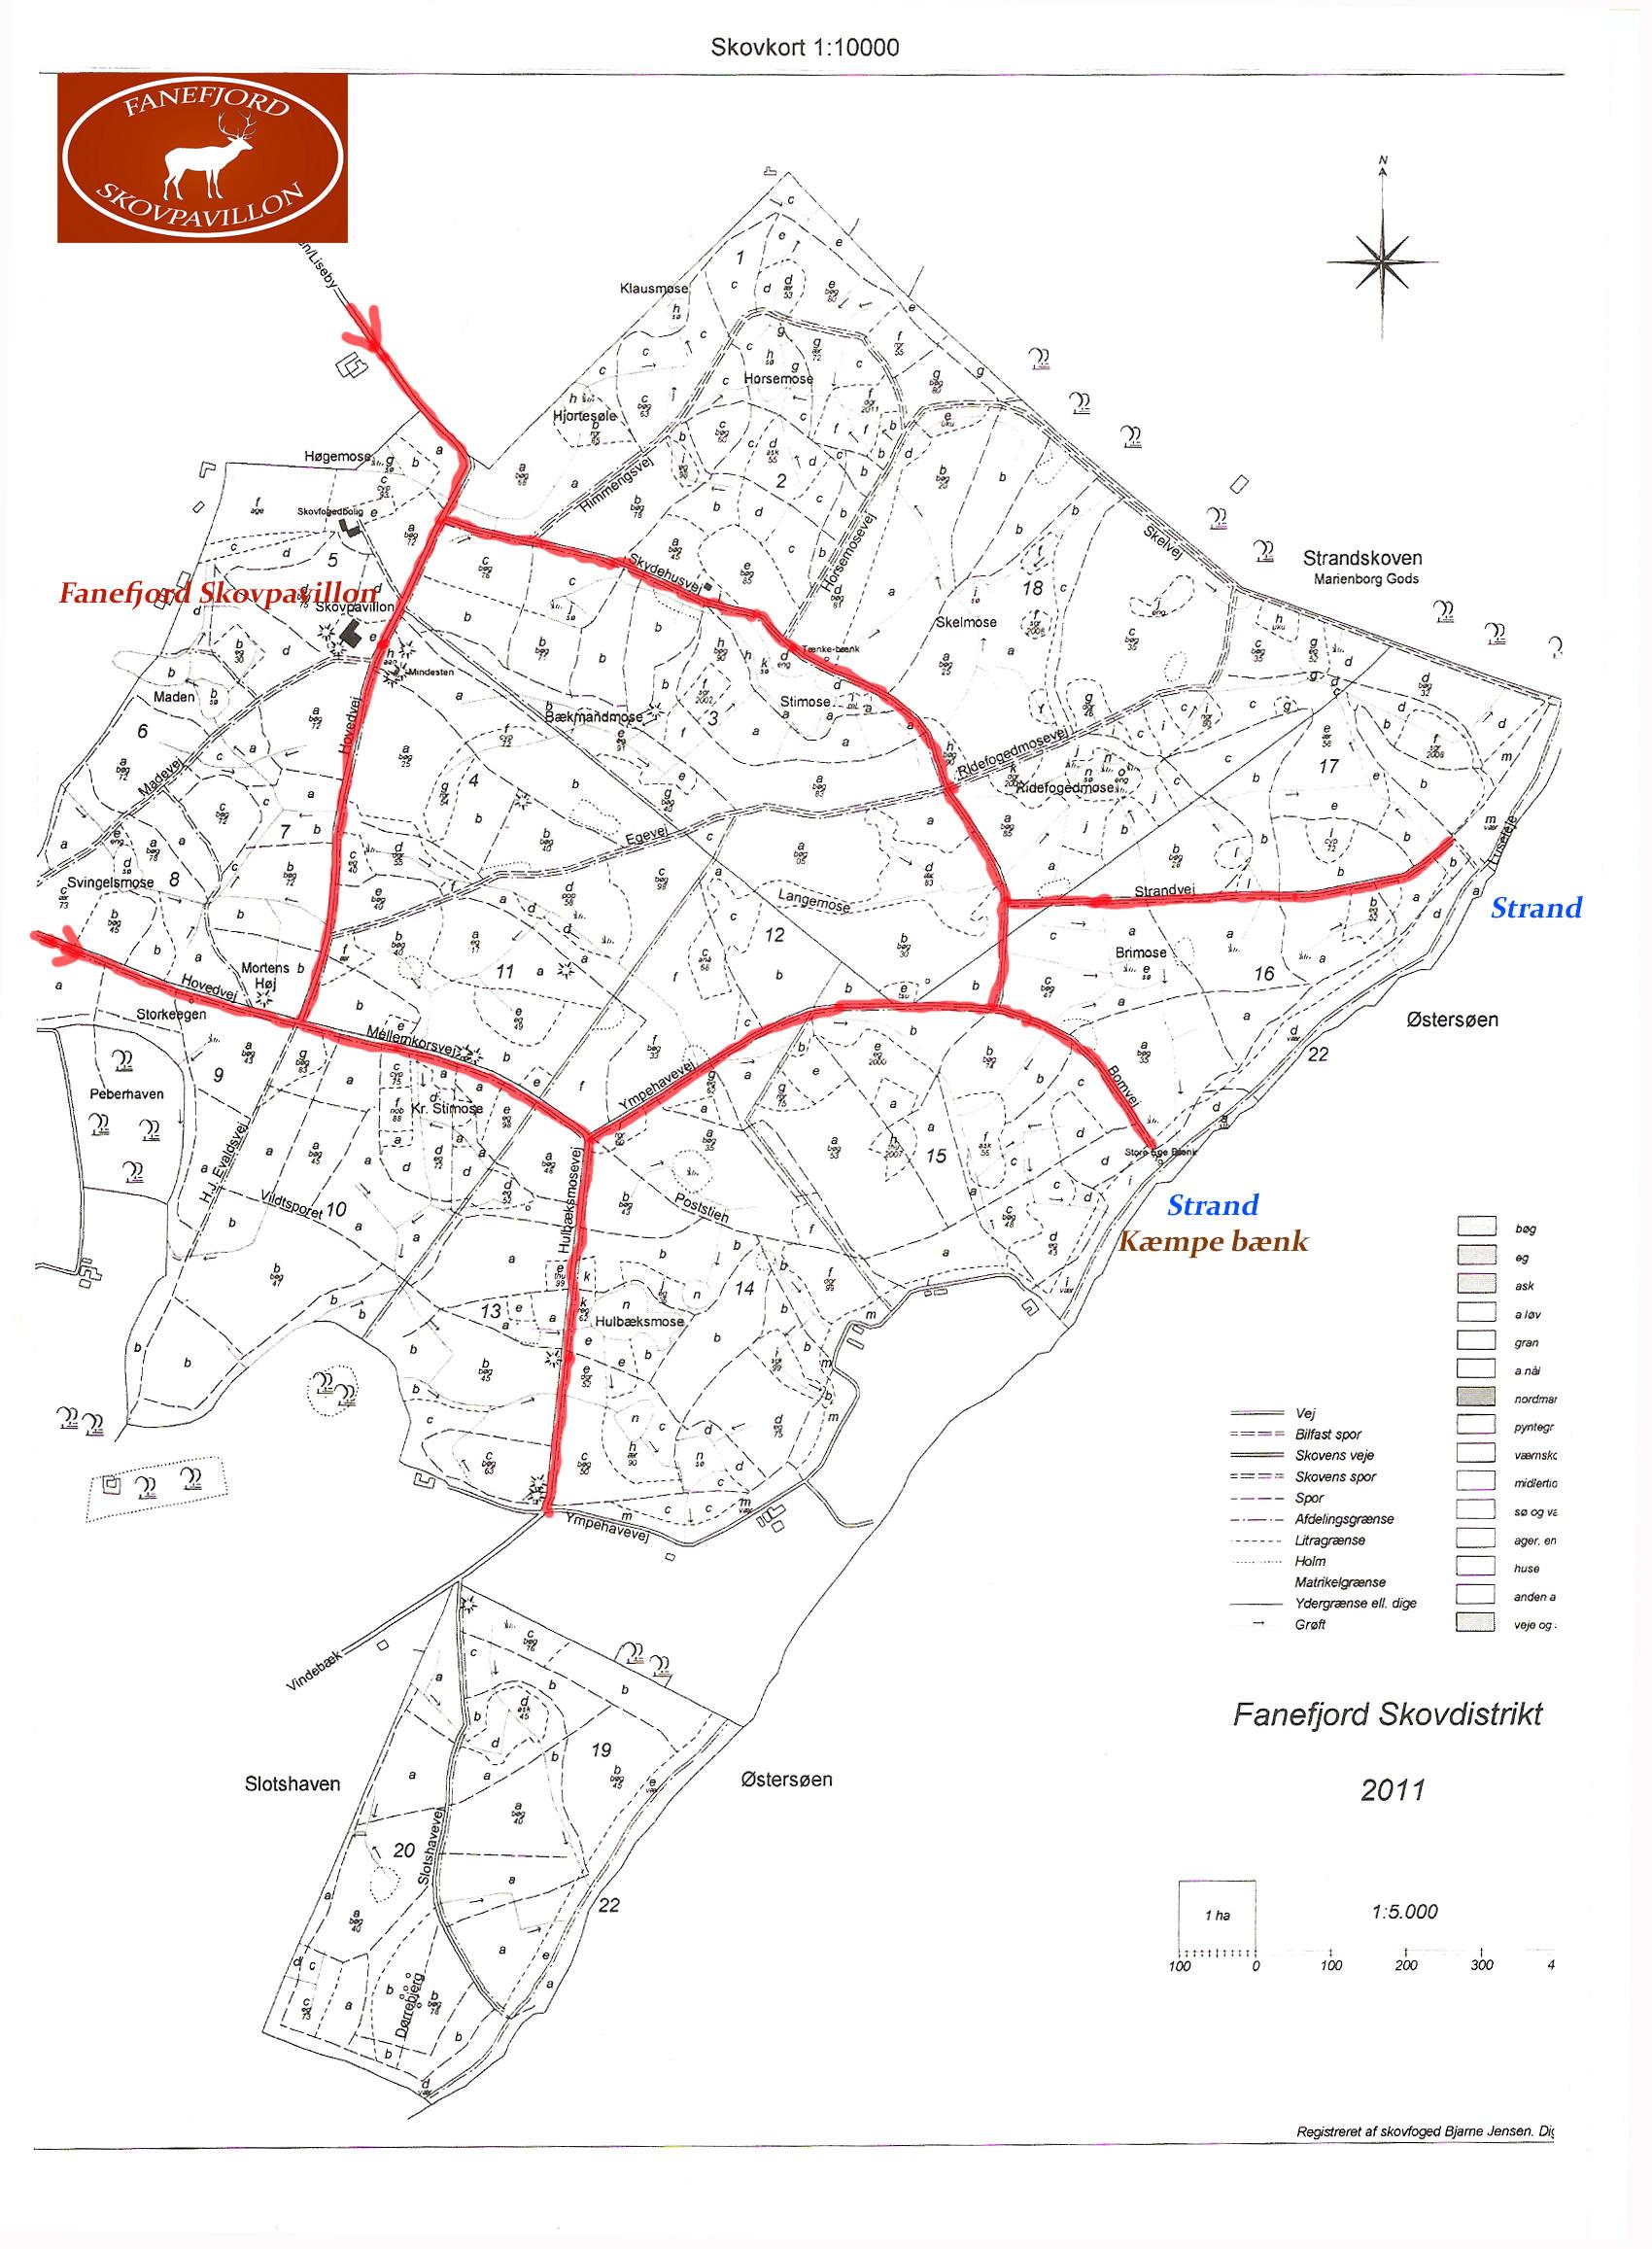 kort over skoven